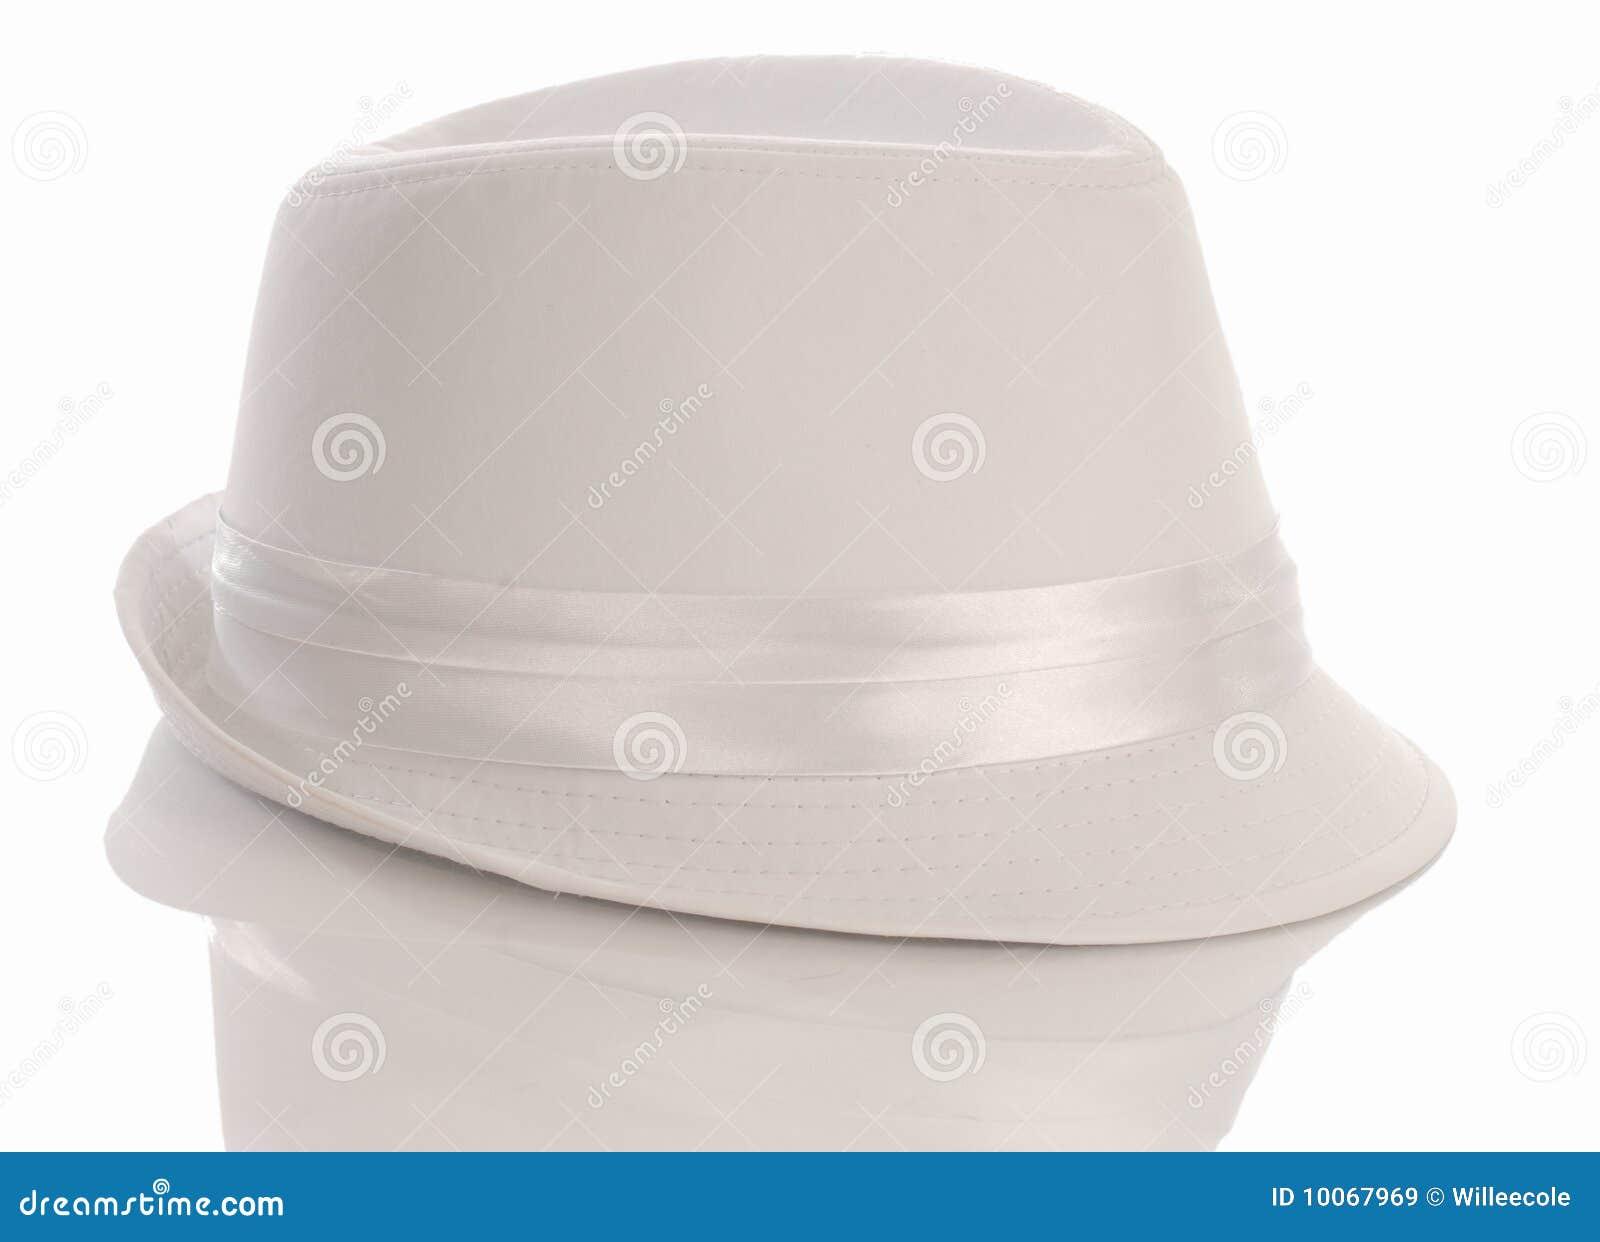 6027159dd31 ... men s white dress hat